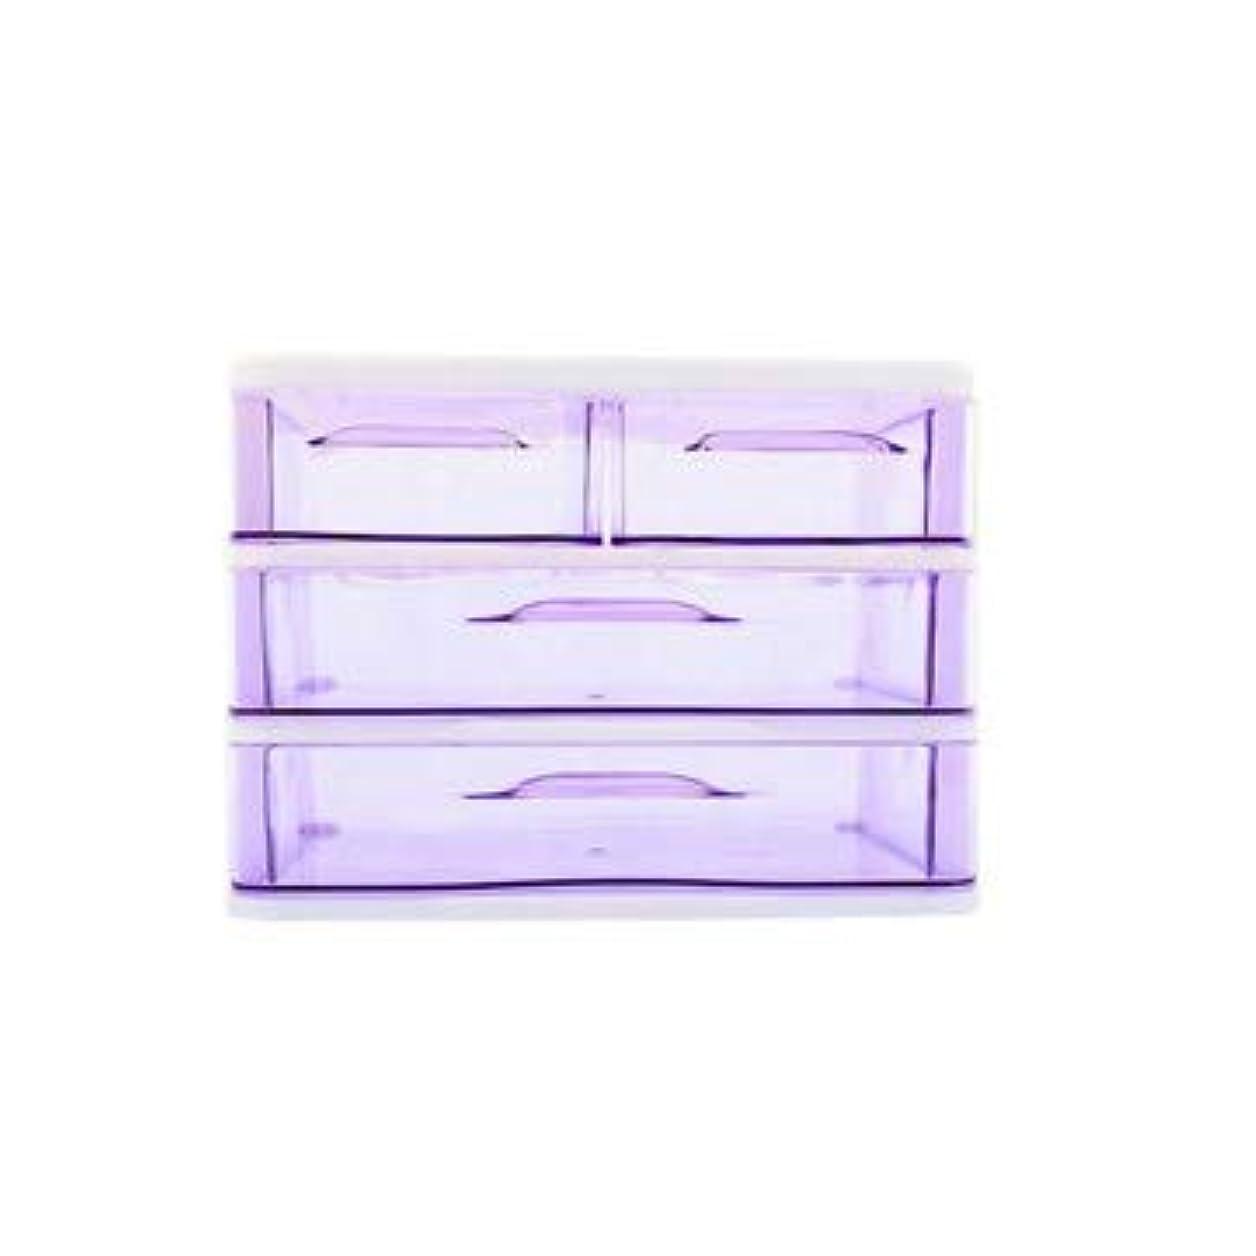 ベックス含む寂しいクリエイティブ収納ボックス三層プラスチック化粧品収納ボックスデスクトップ引き出し型仕上げボックス収納ボックス化粧箱 (Color : Purple)